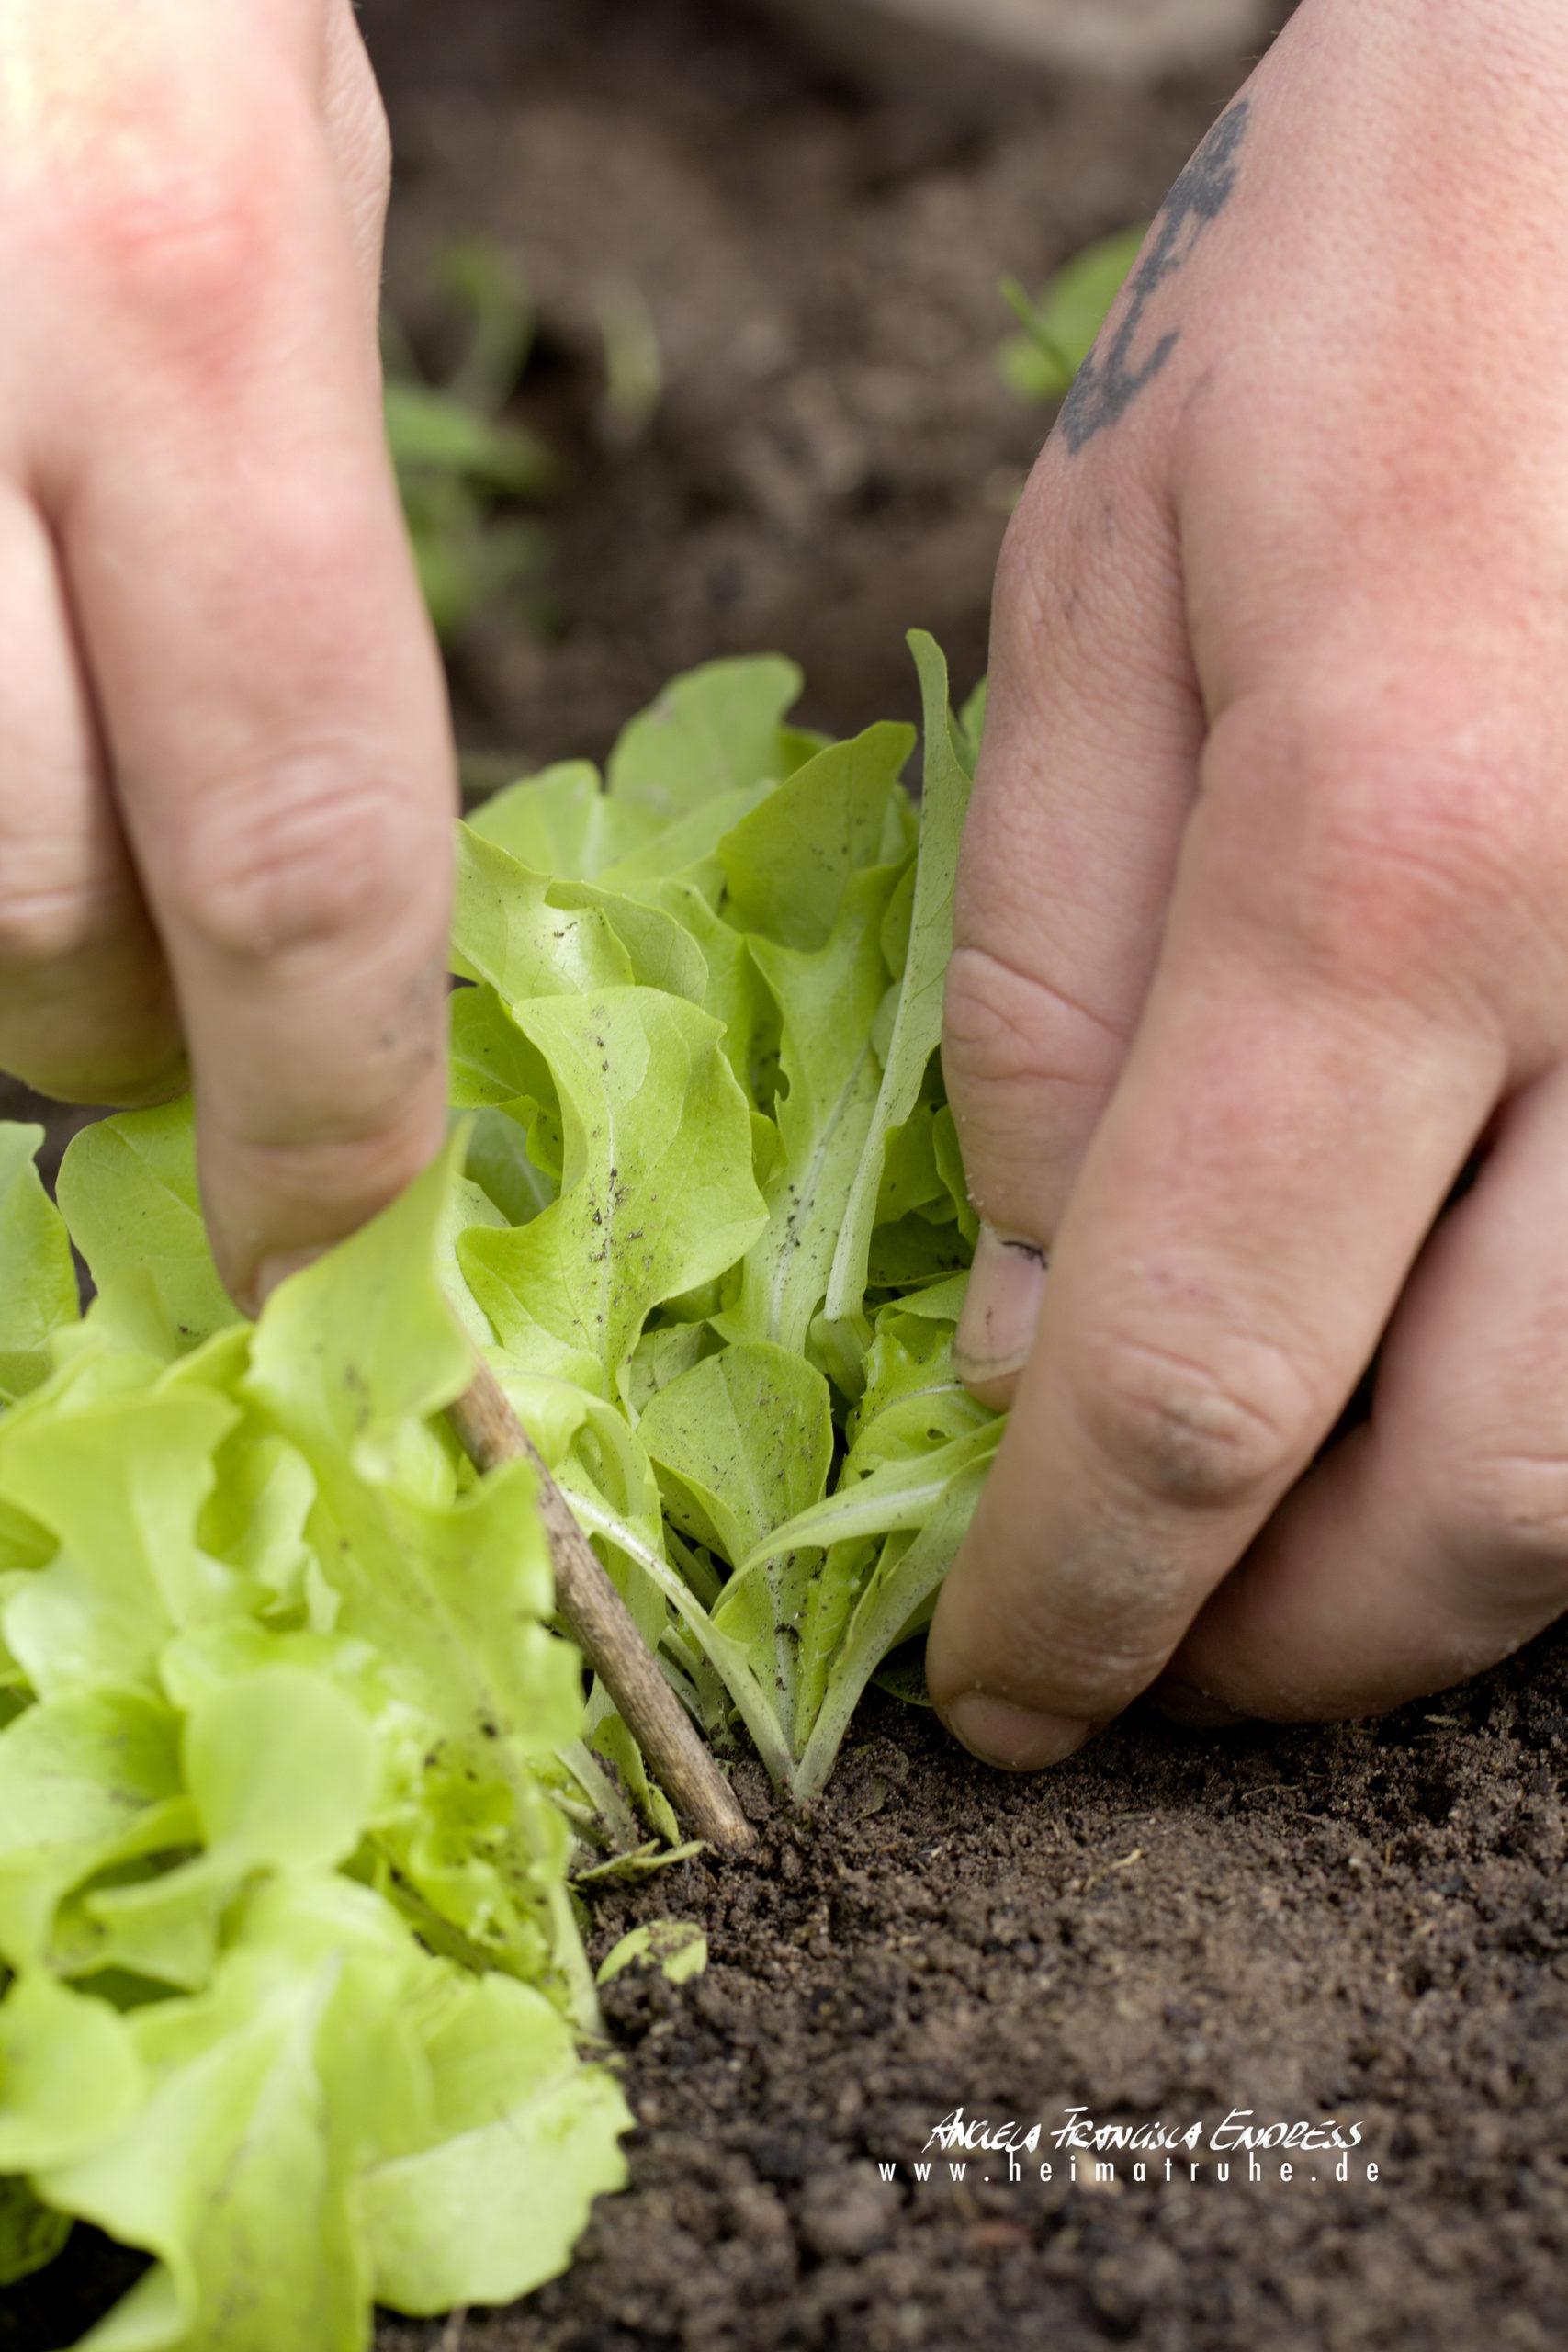 Michael pikiert Salatblättchen